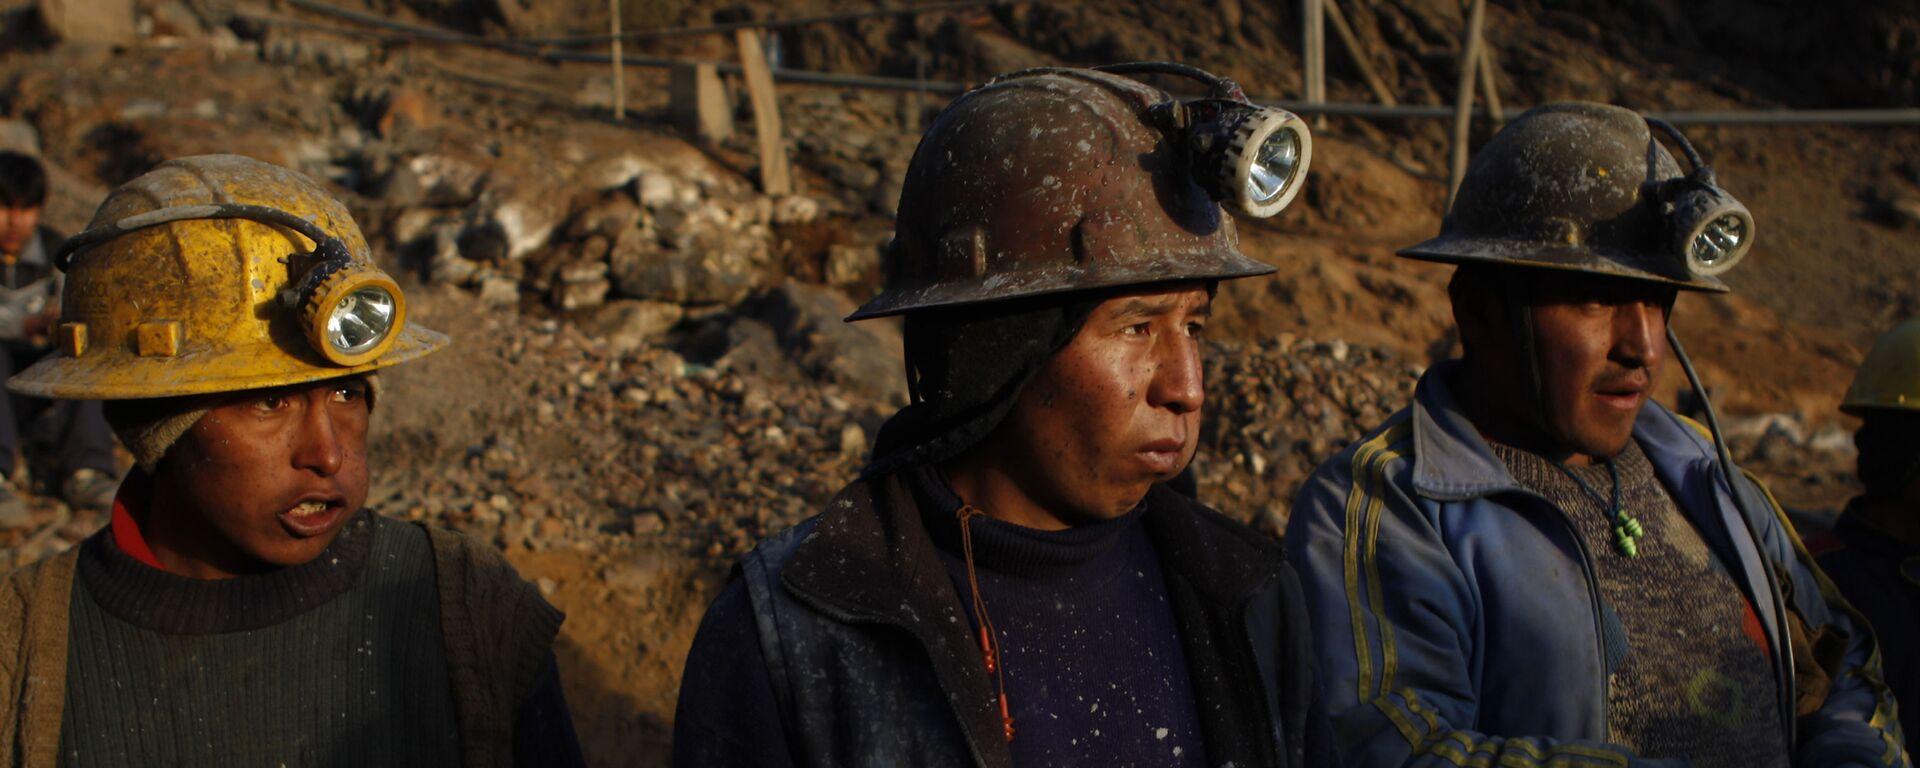 Mineros bolivianos - Sputnik Mundo, 1920, 14.08.2020